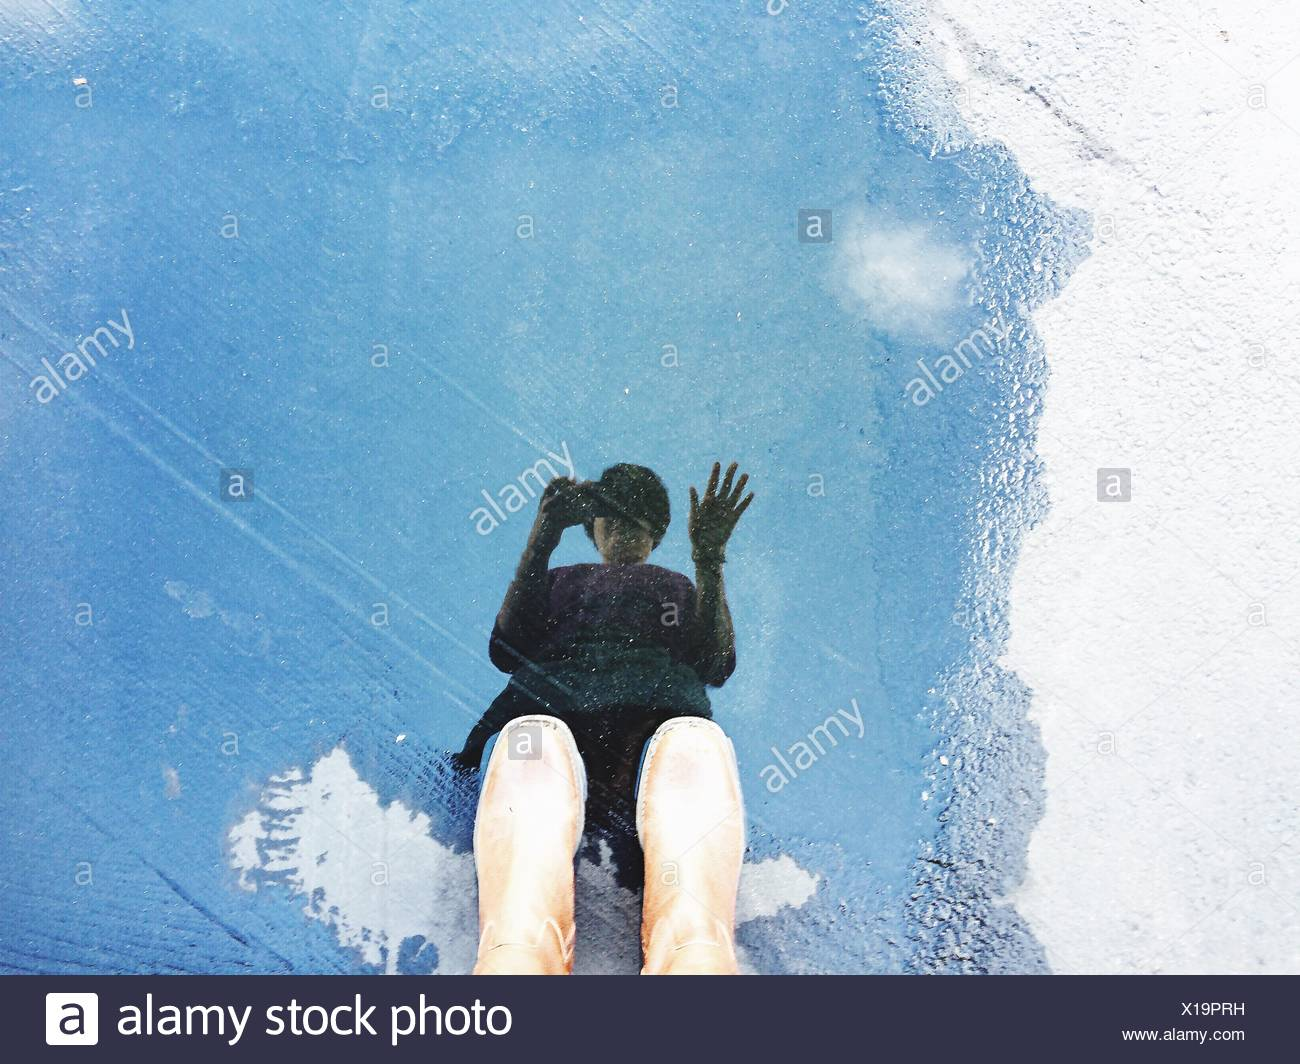 La réflexion de la personne dans l'eau Photo Stock